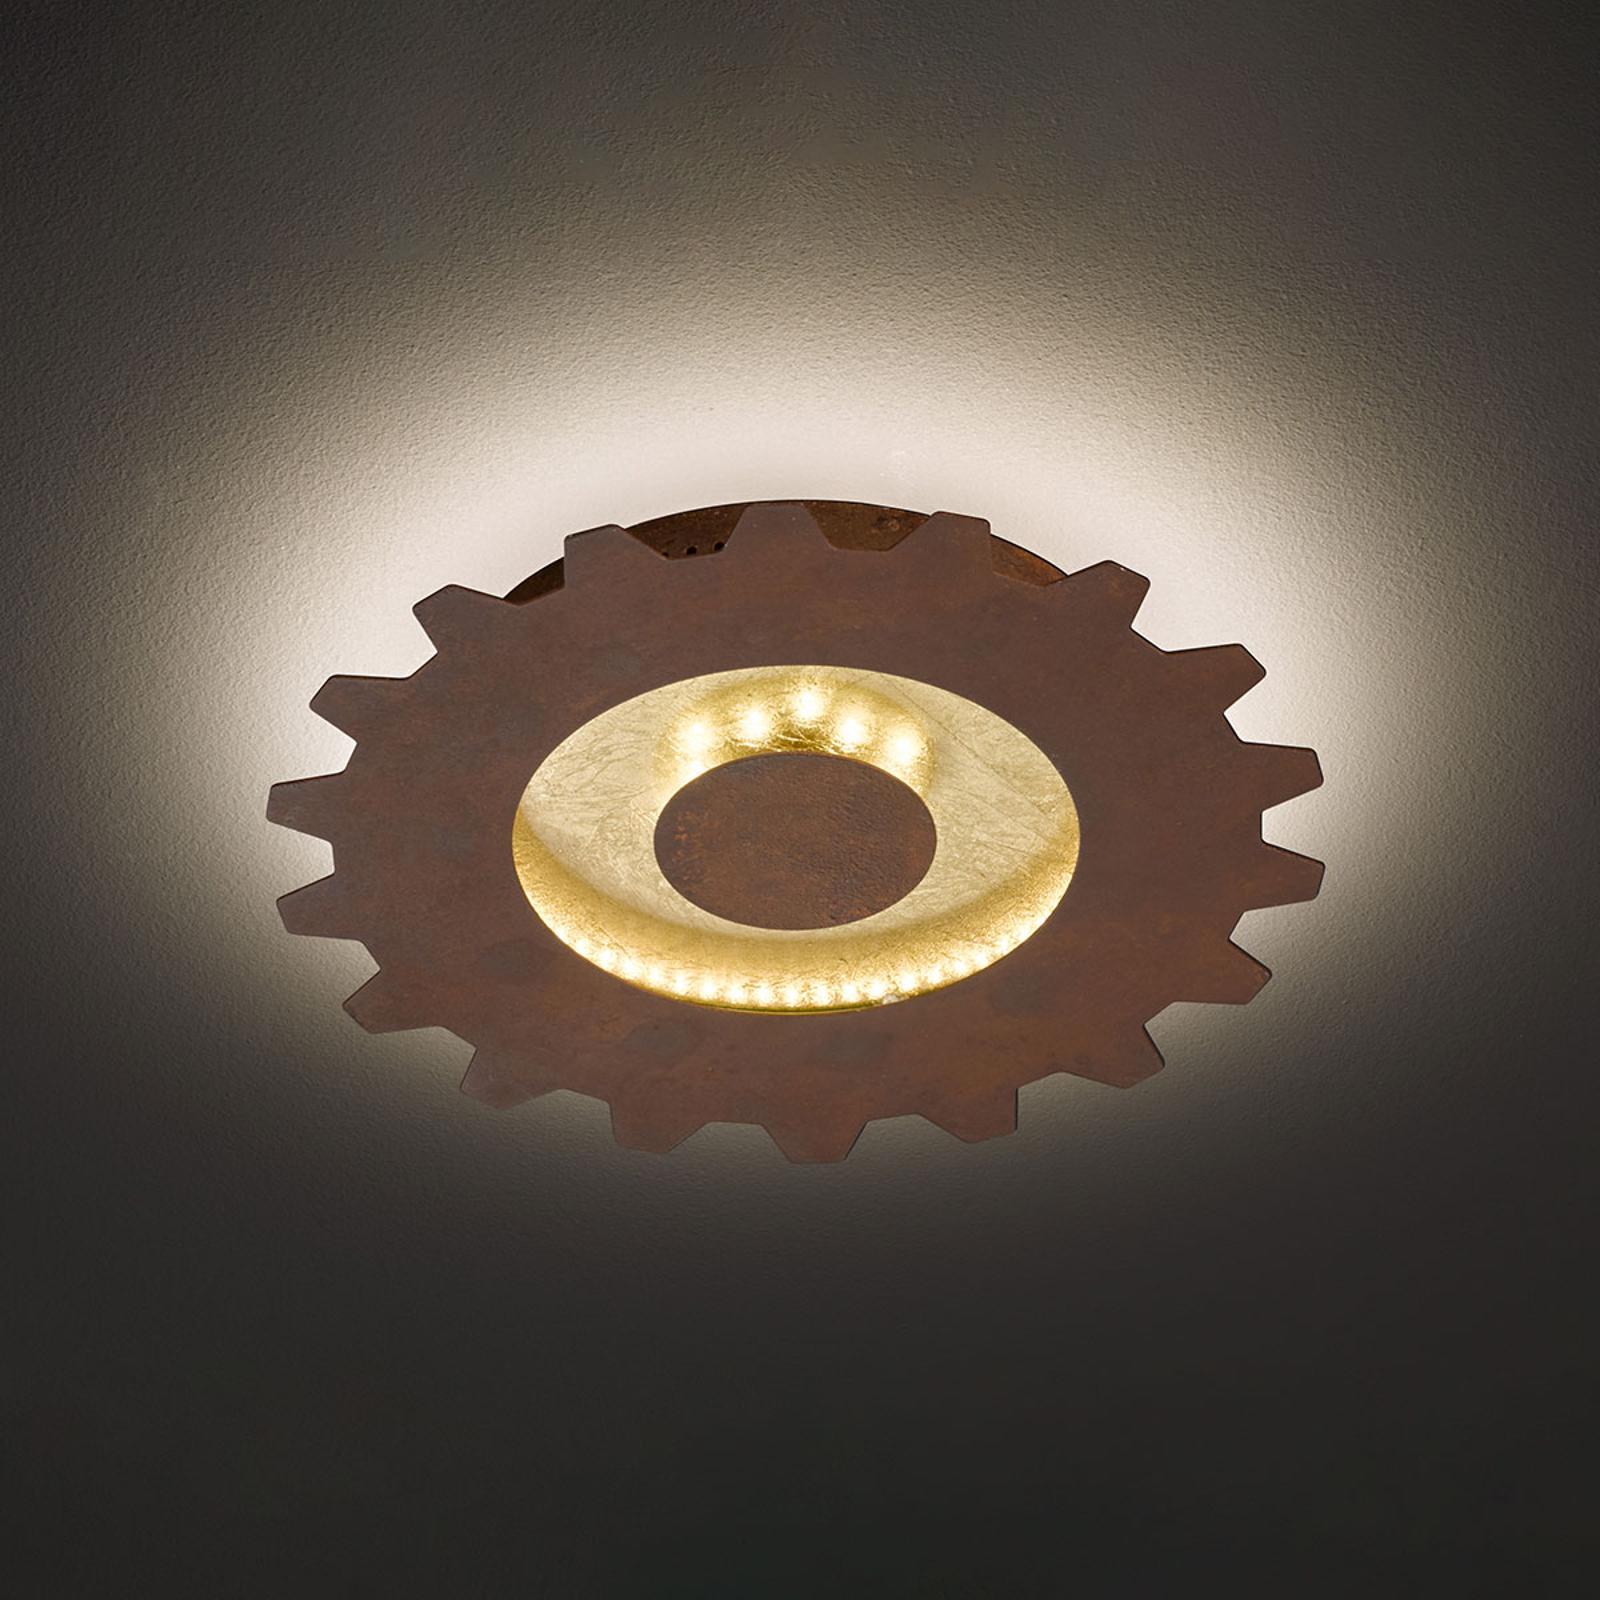 LED-taklampa Leif i kugghjulsoptik, Ø 30 cm